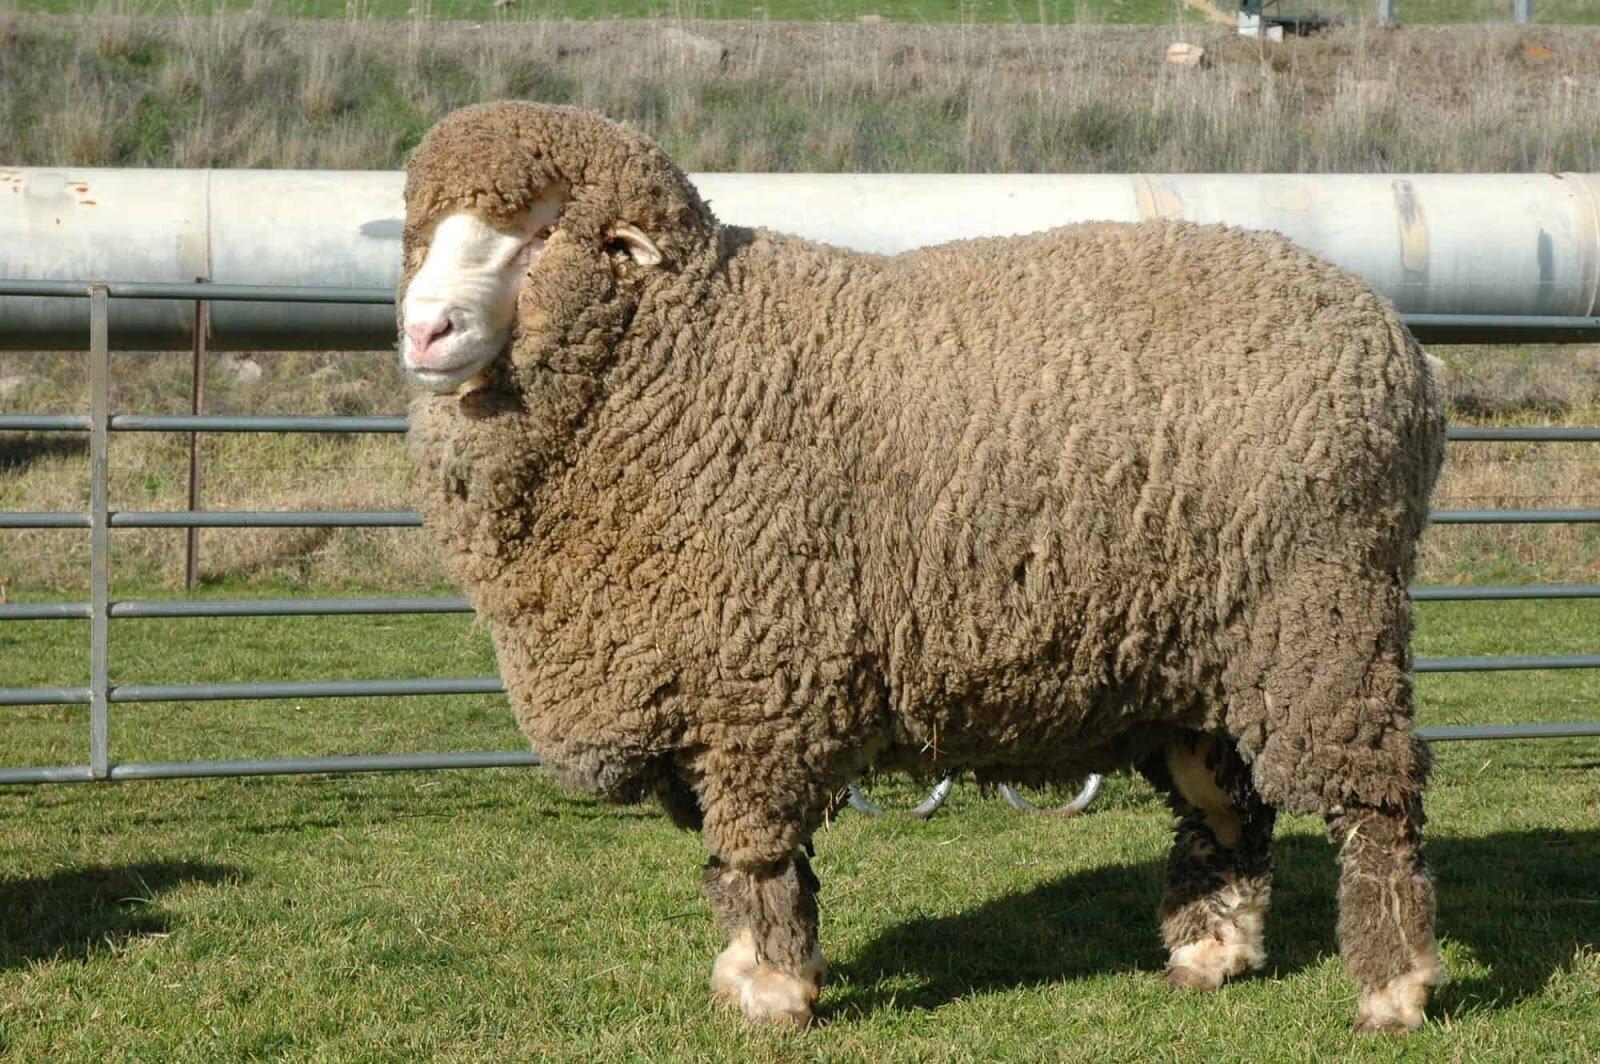 Chăn lông cừu tự nhiên thường làm từ 100% lông cừu và phổ biến nhập khẩu từ Úc